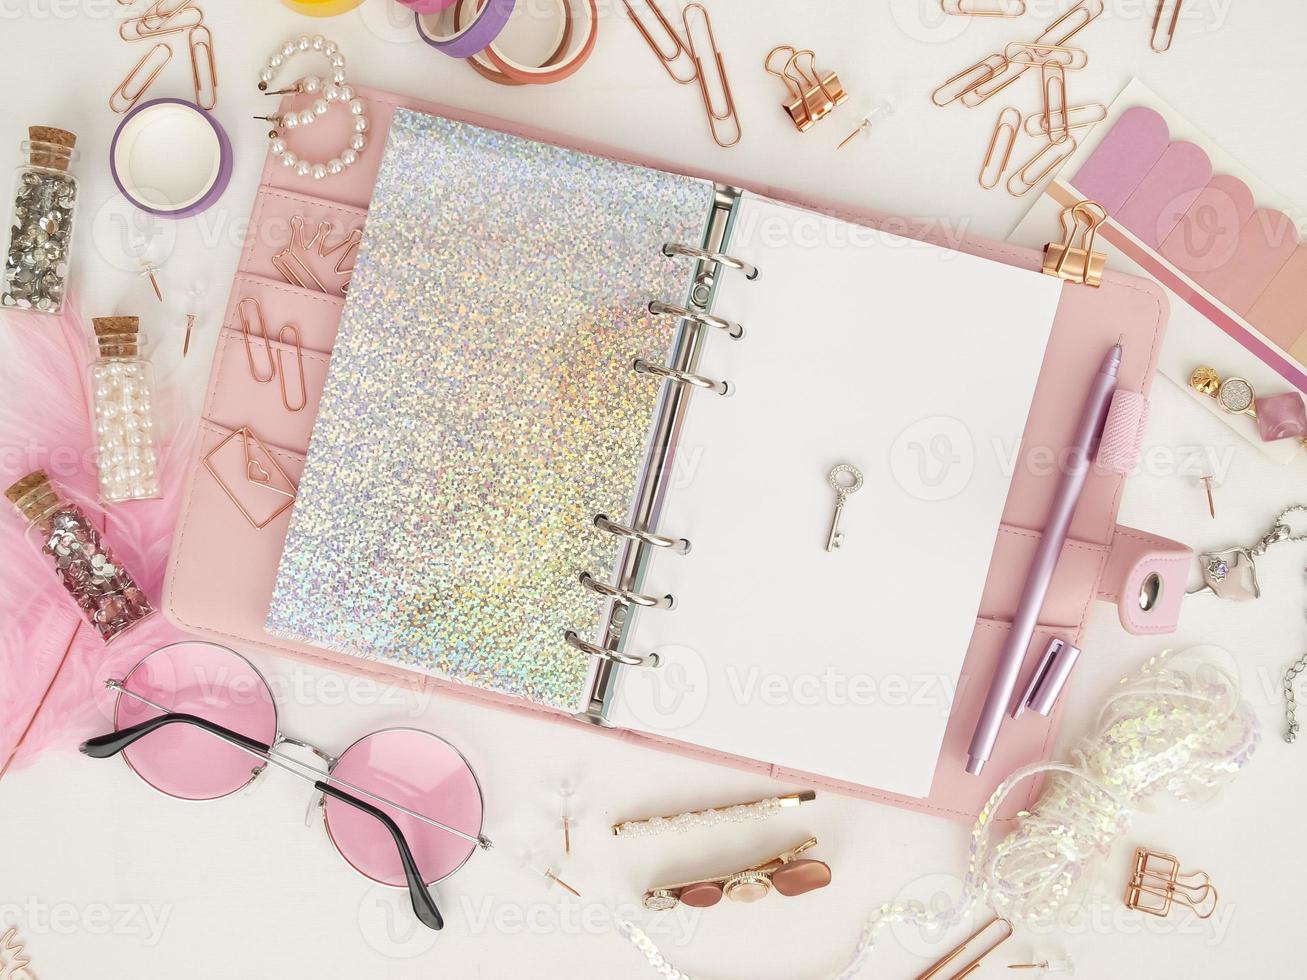 diario abierto con página blanca y holográfica. planificador rosa con lindos artículos de papelería. vista superior del planificador rosa con papelería. foto de decoración de planificador de glamour rosa